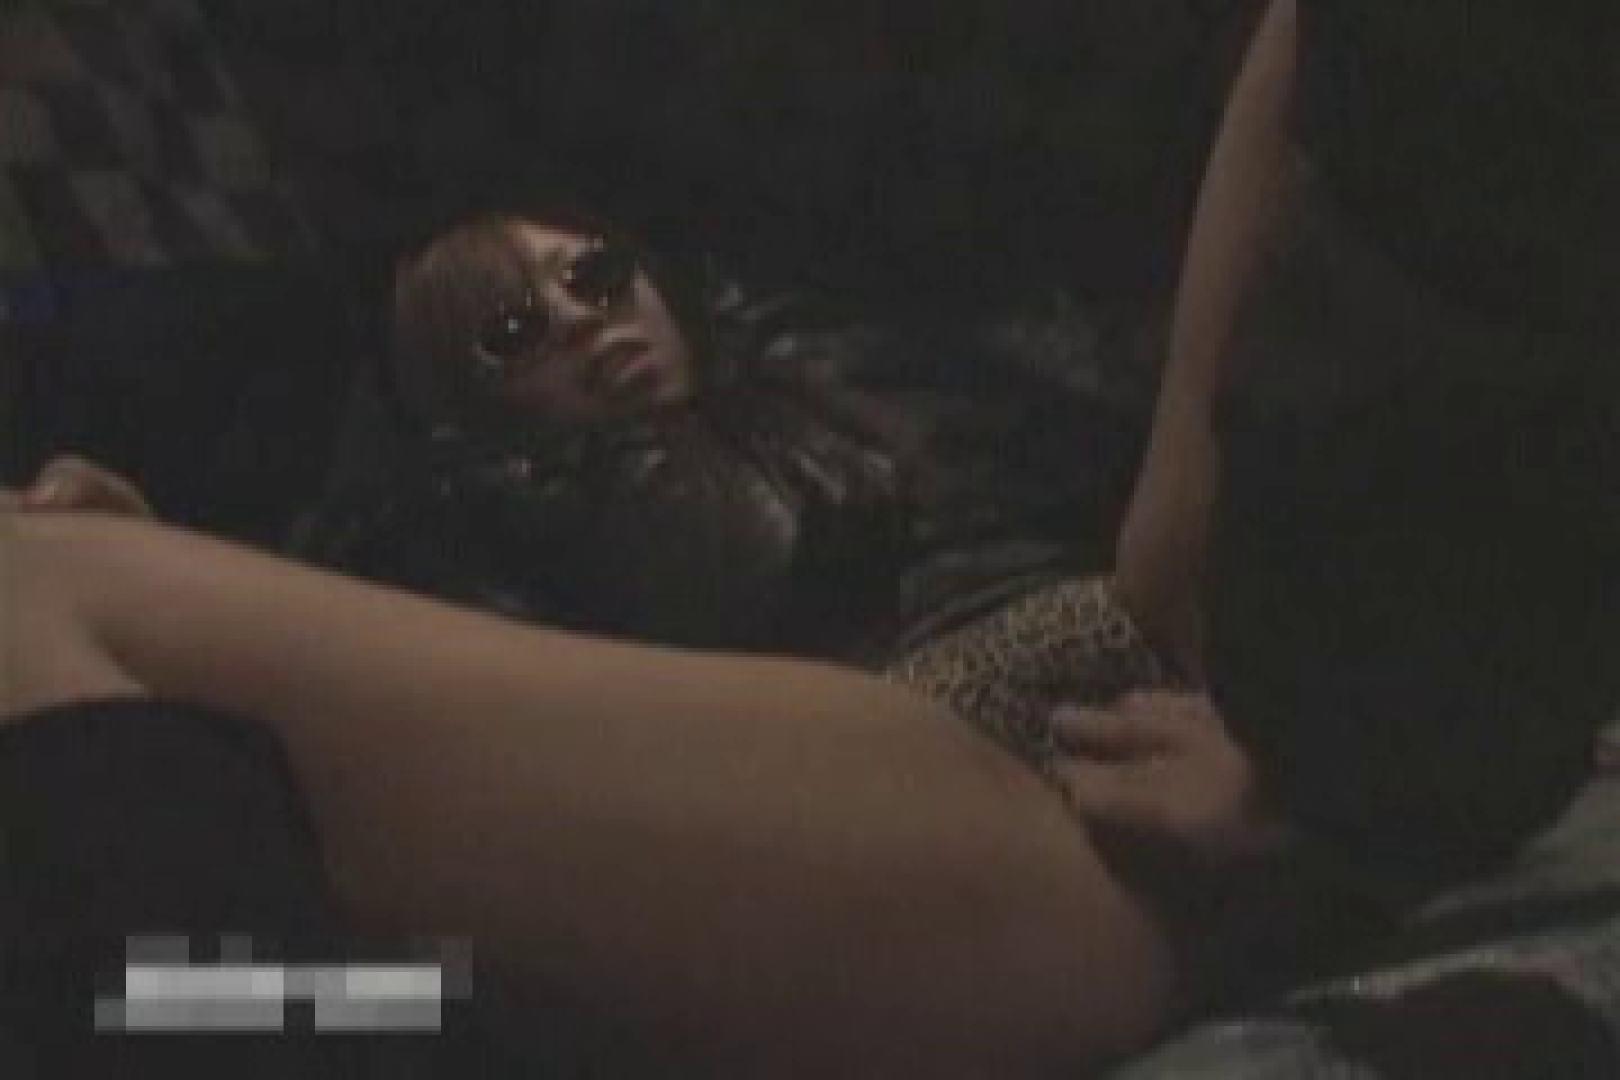 ナンパでパンツ見せ+SEXvol.4 OLの裸事情 セックス画像 107枚 18